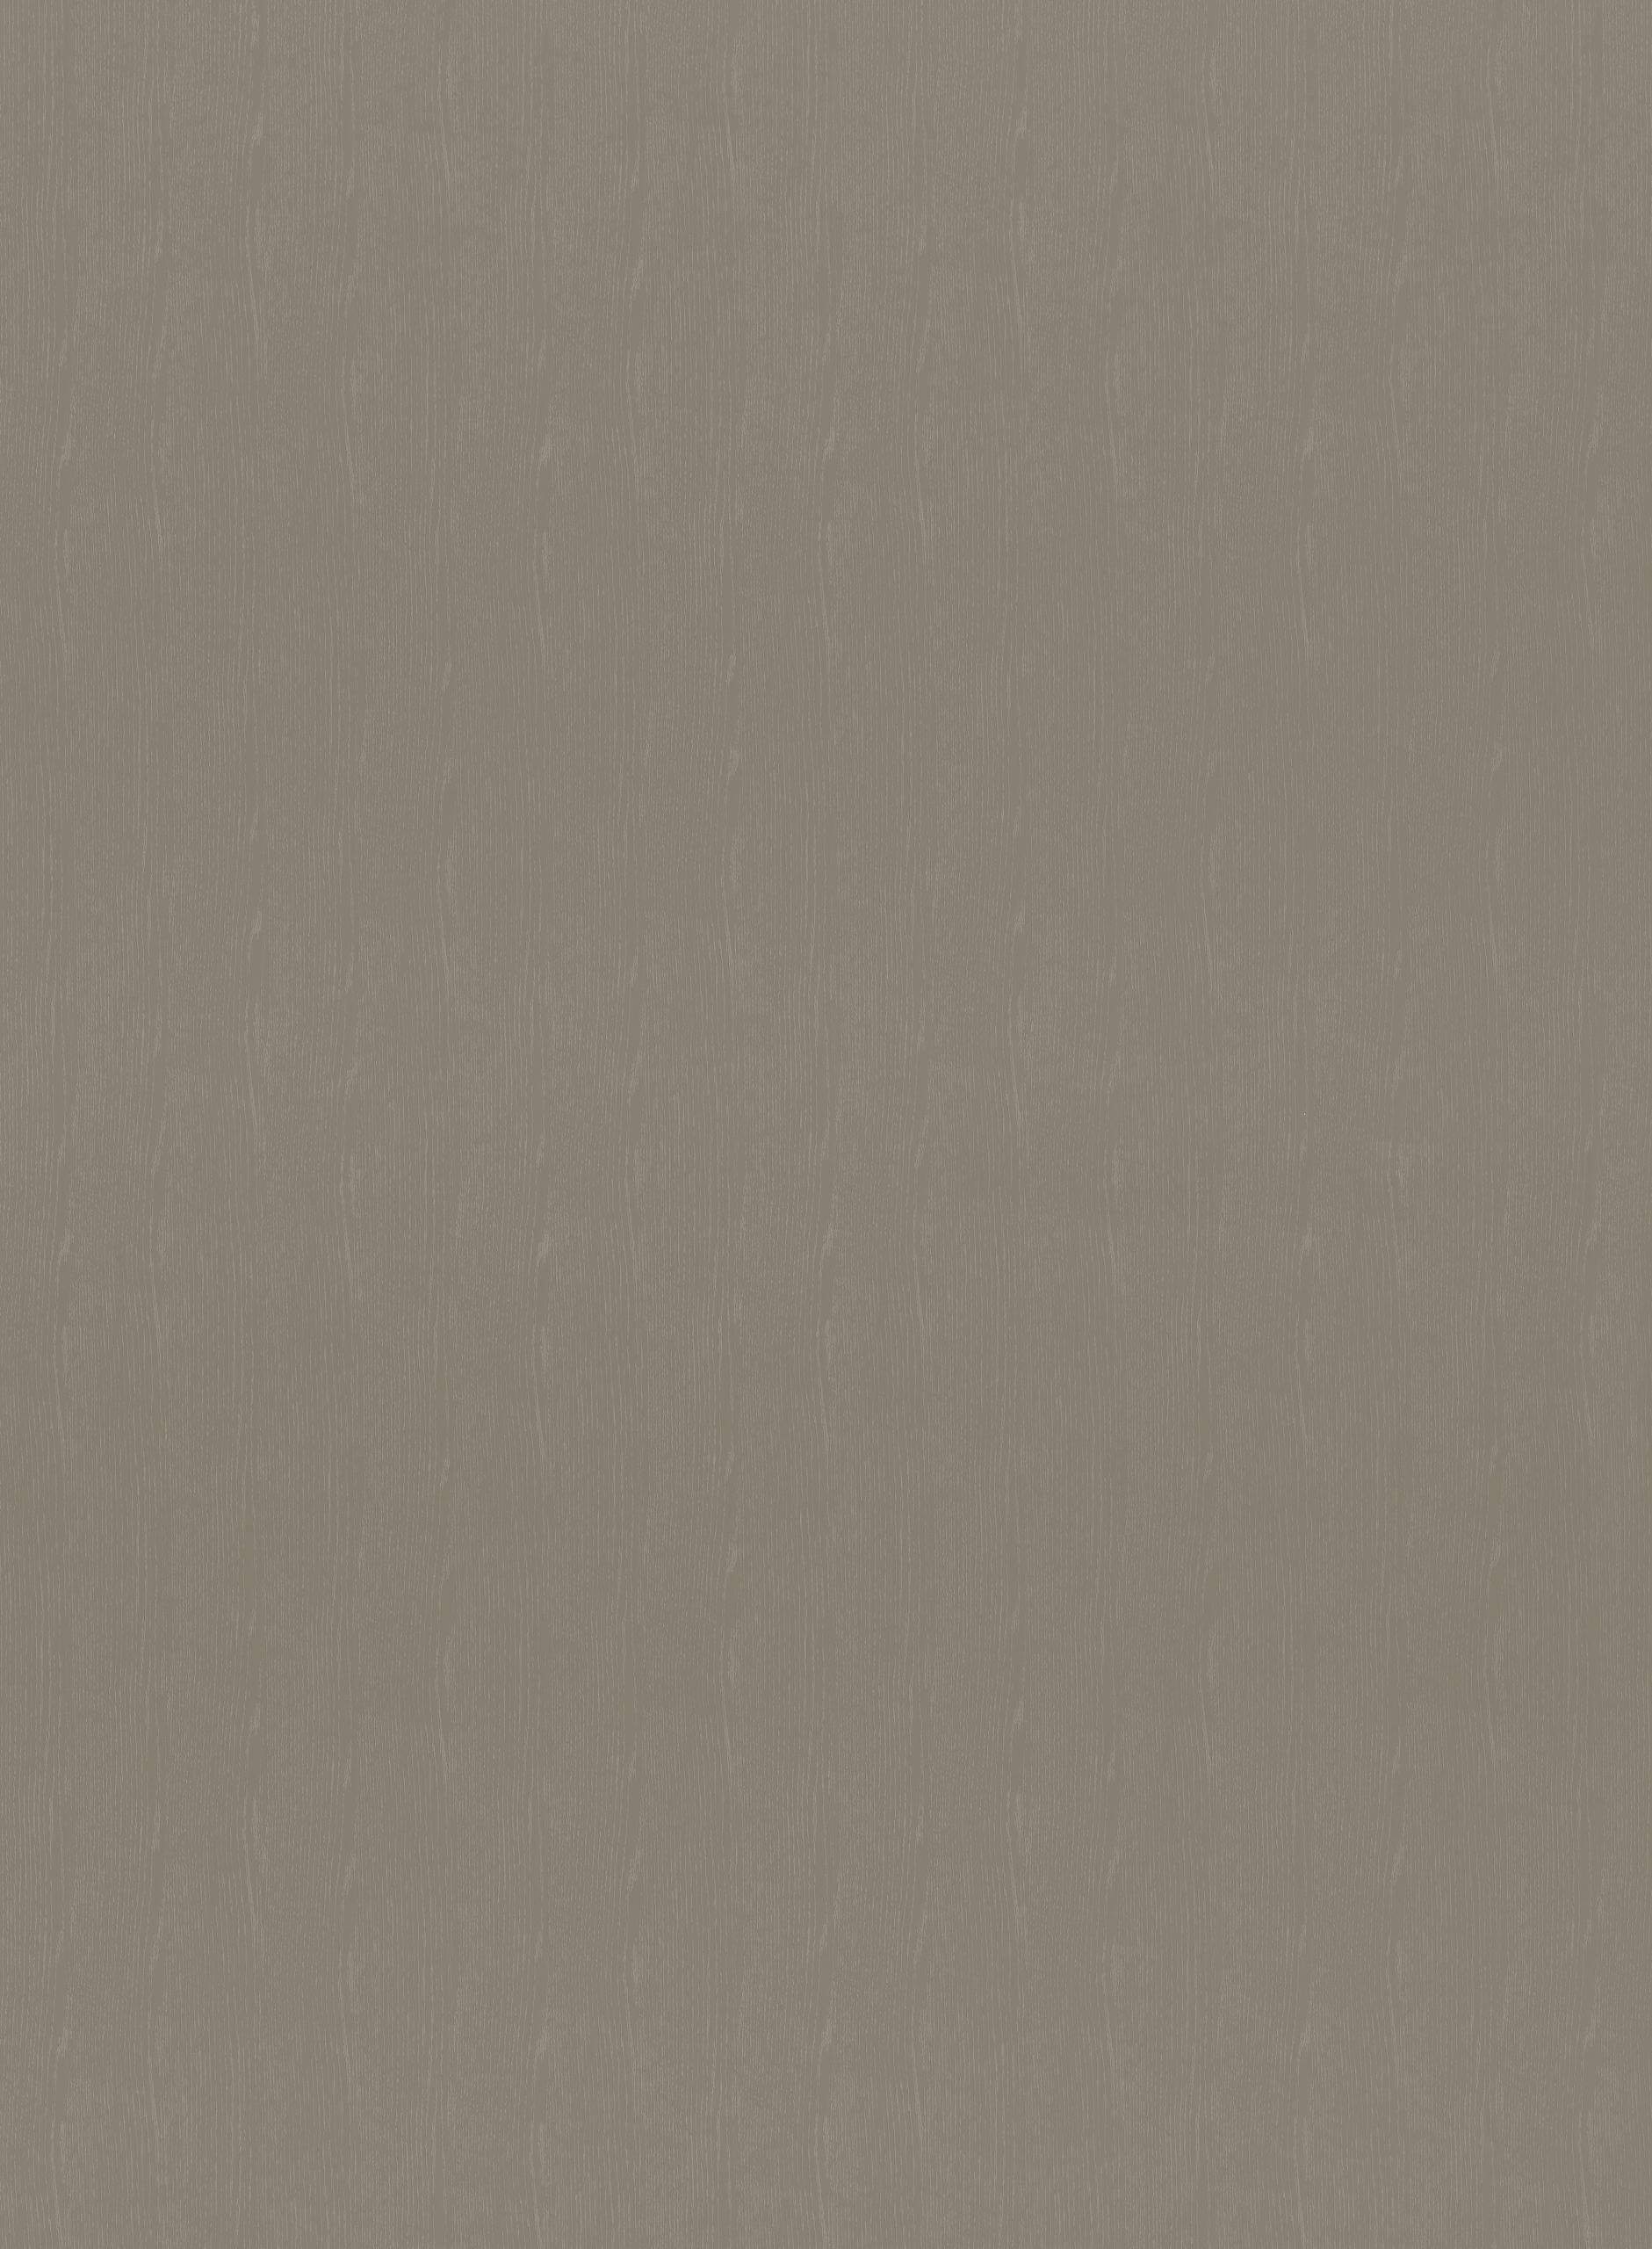 DecoLegno UA94 Alter hele plaatafb. 2800x2070 mm / tekenprogramma